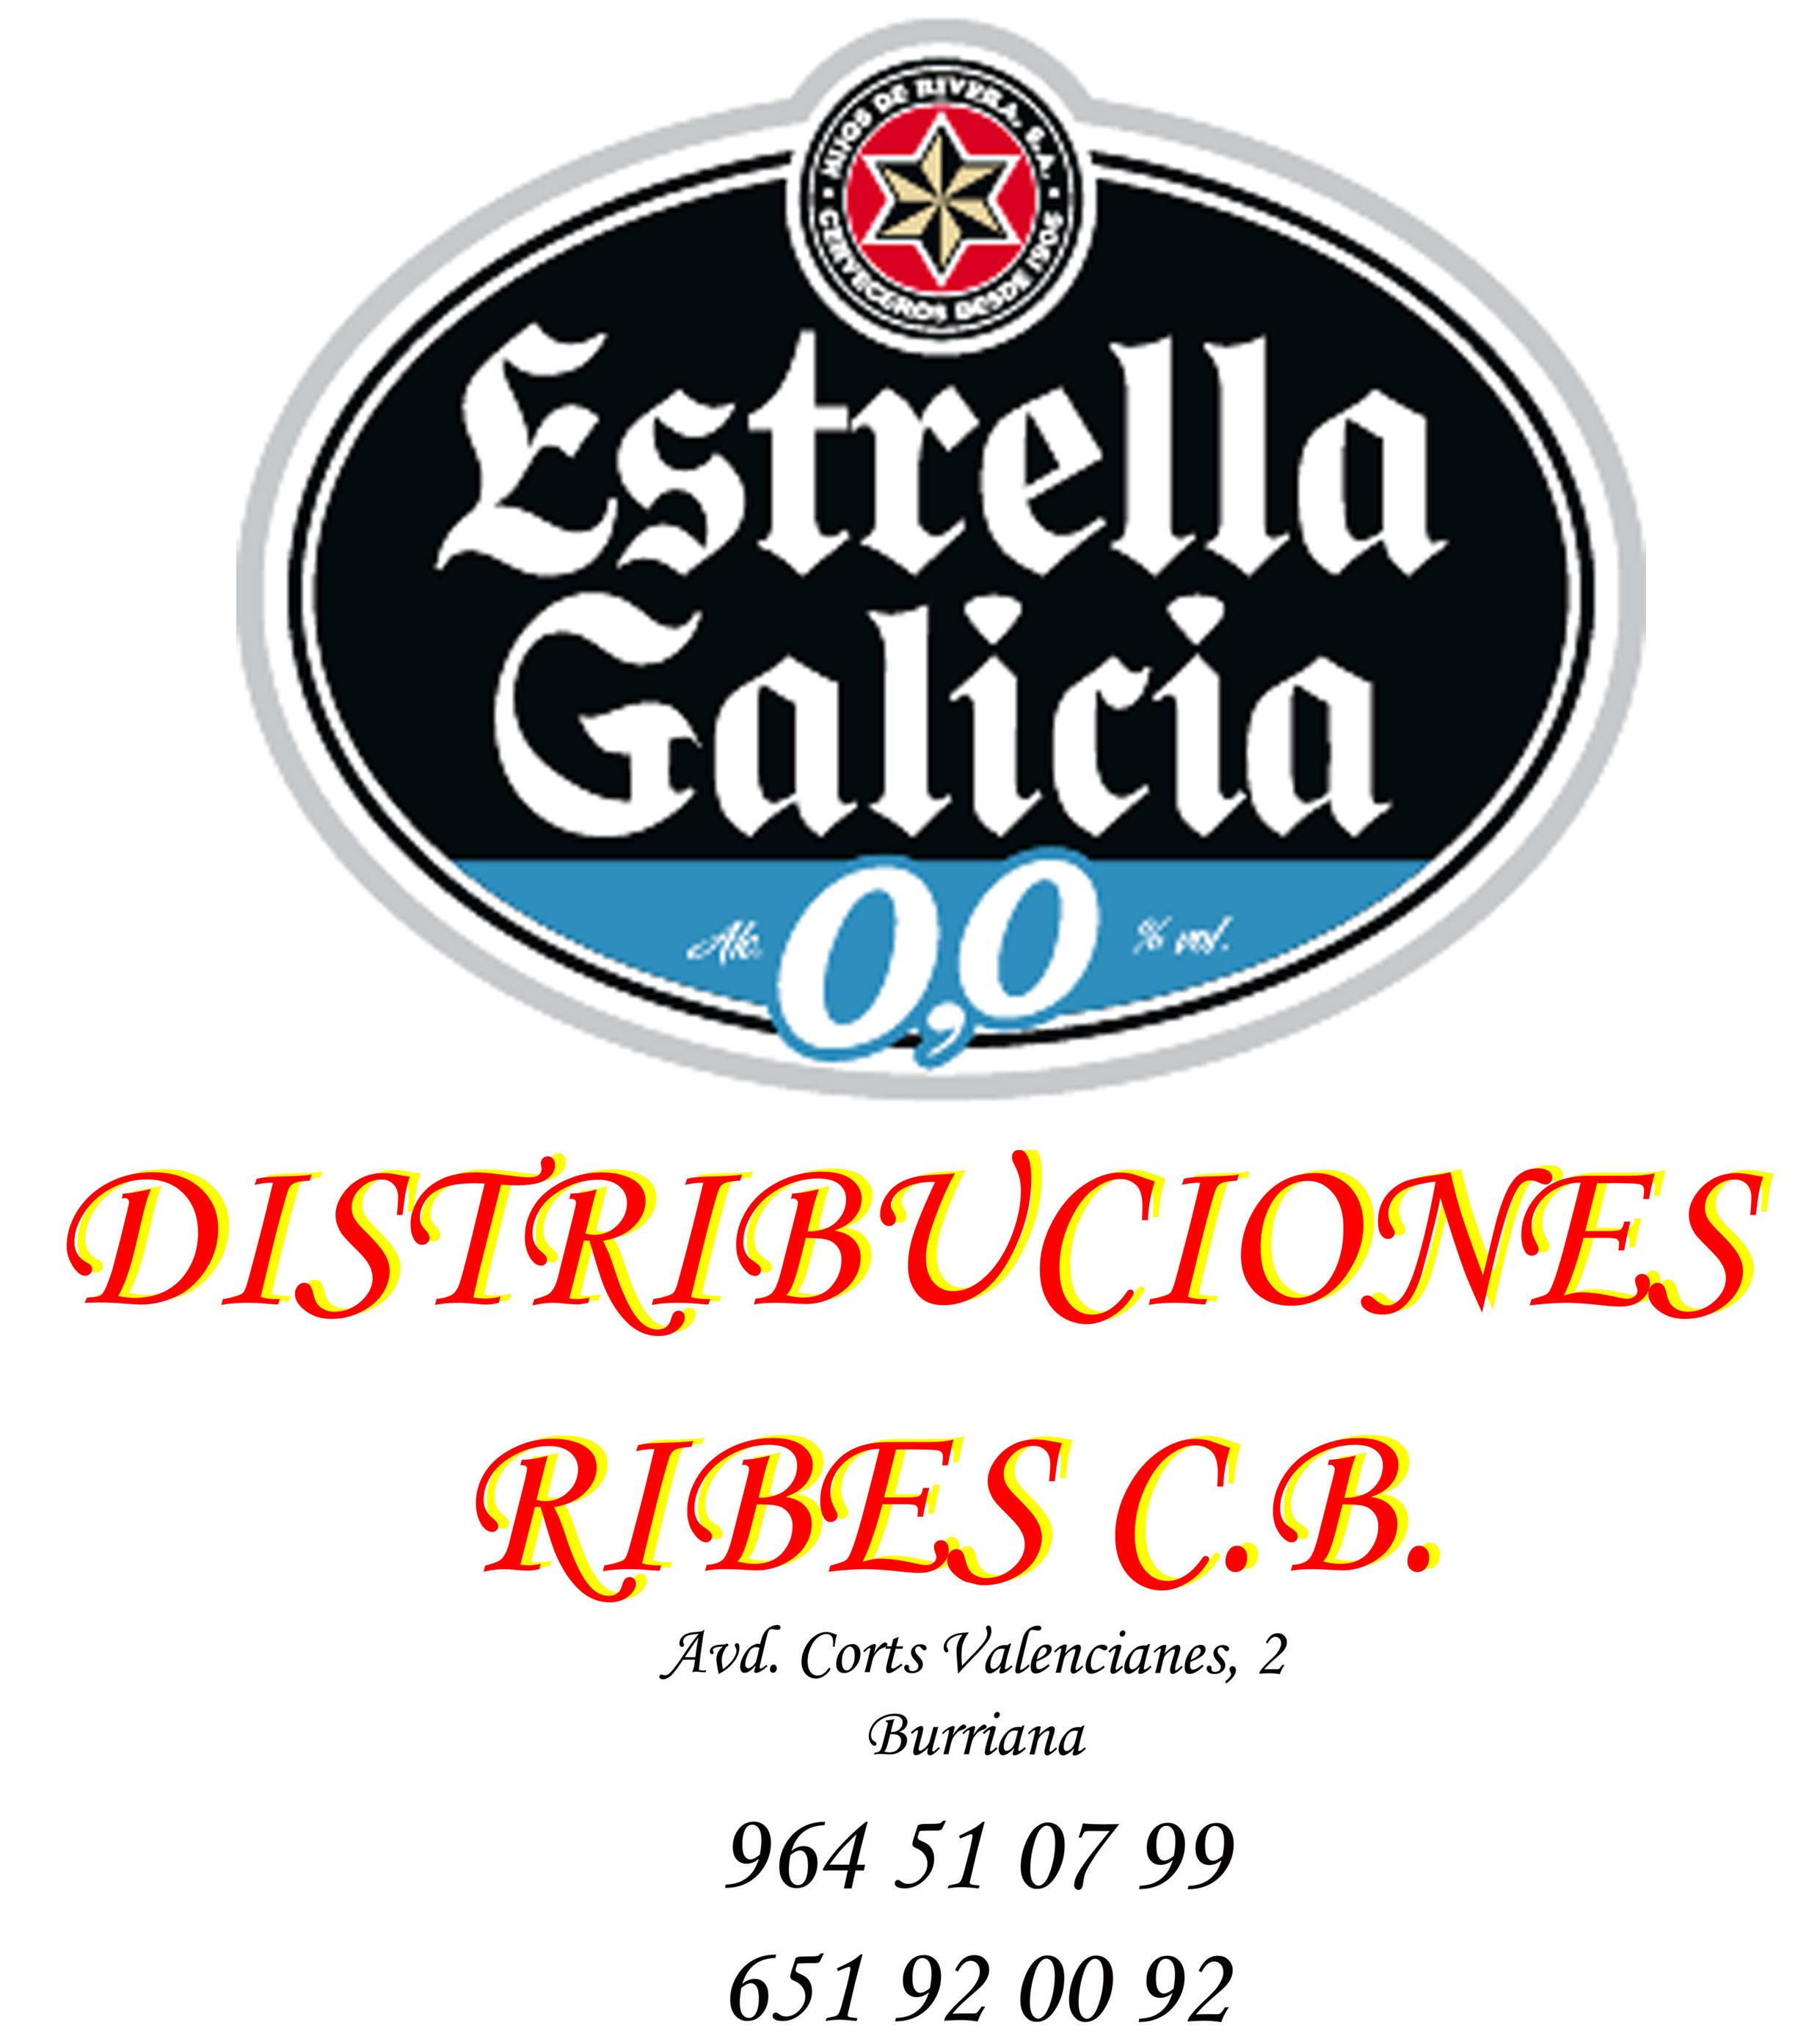 Ribes_Galicia_00